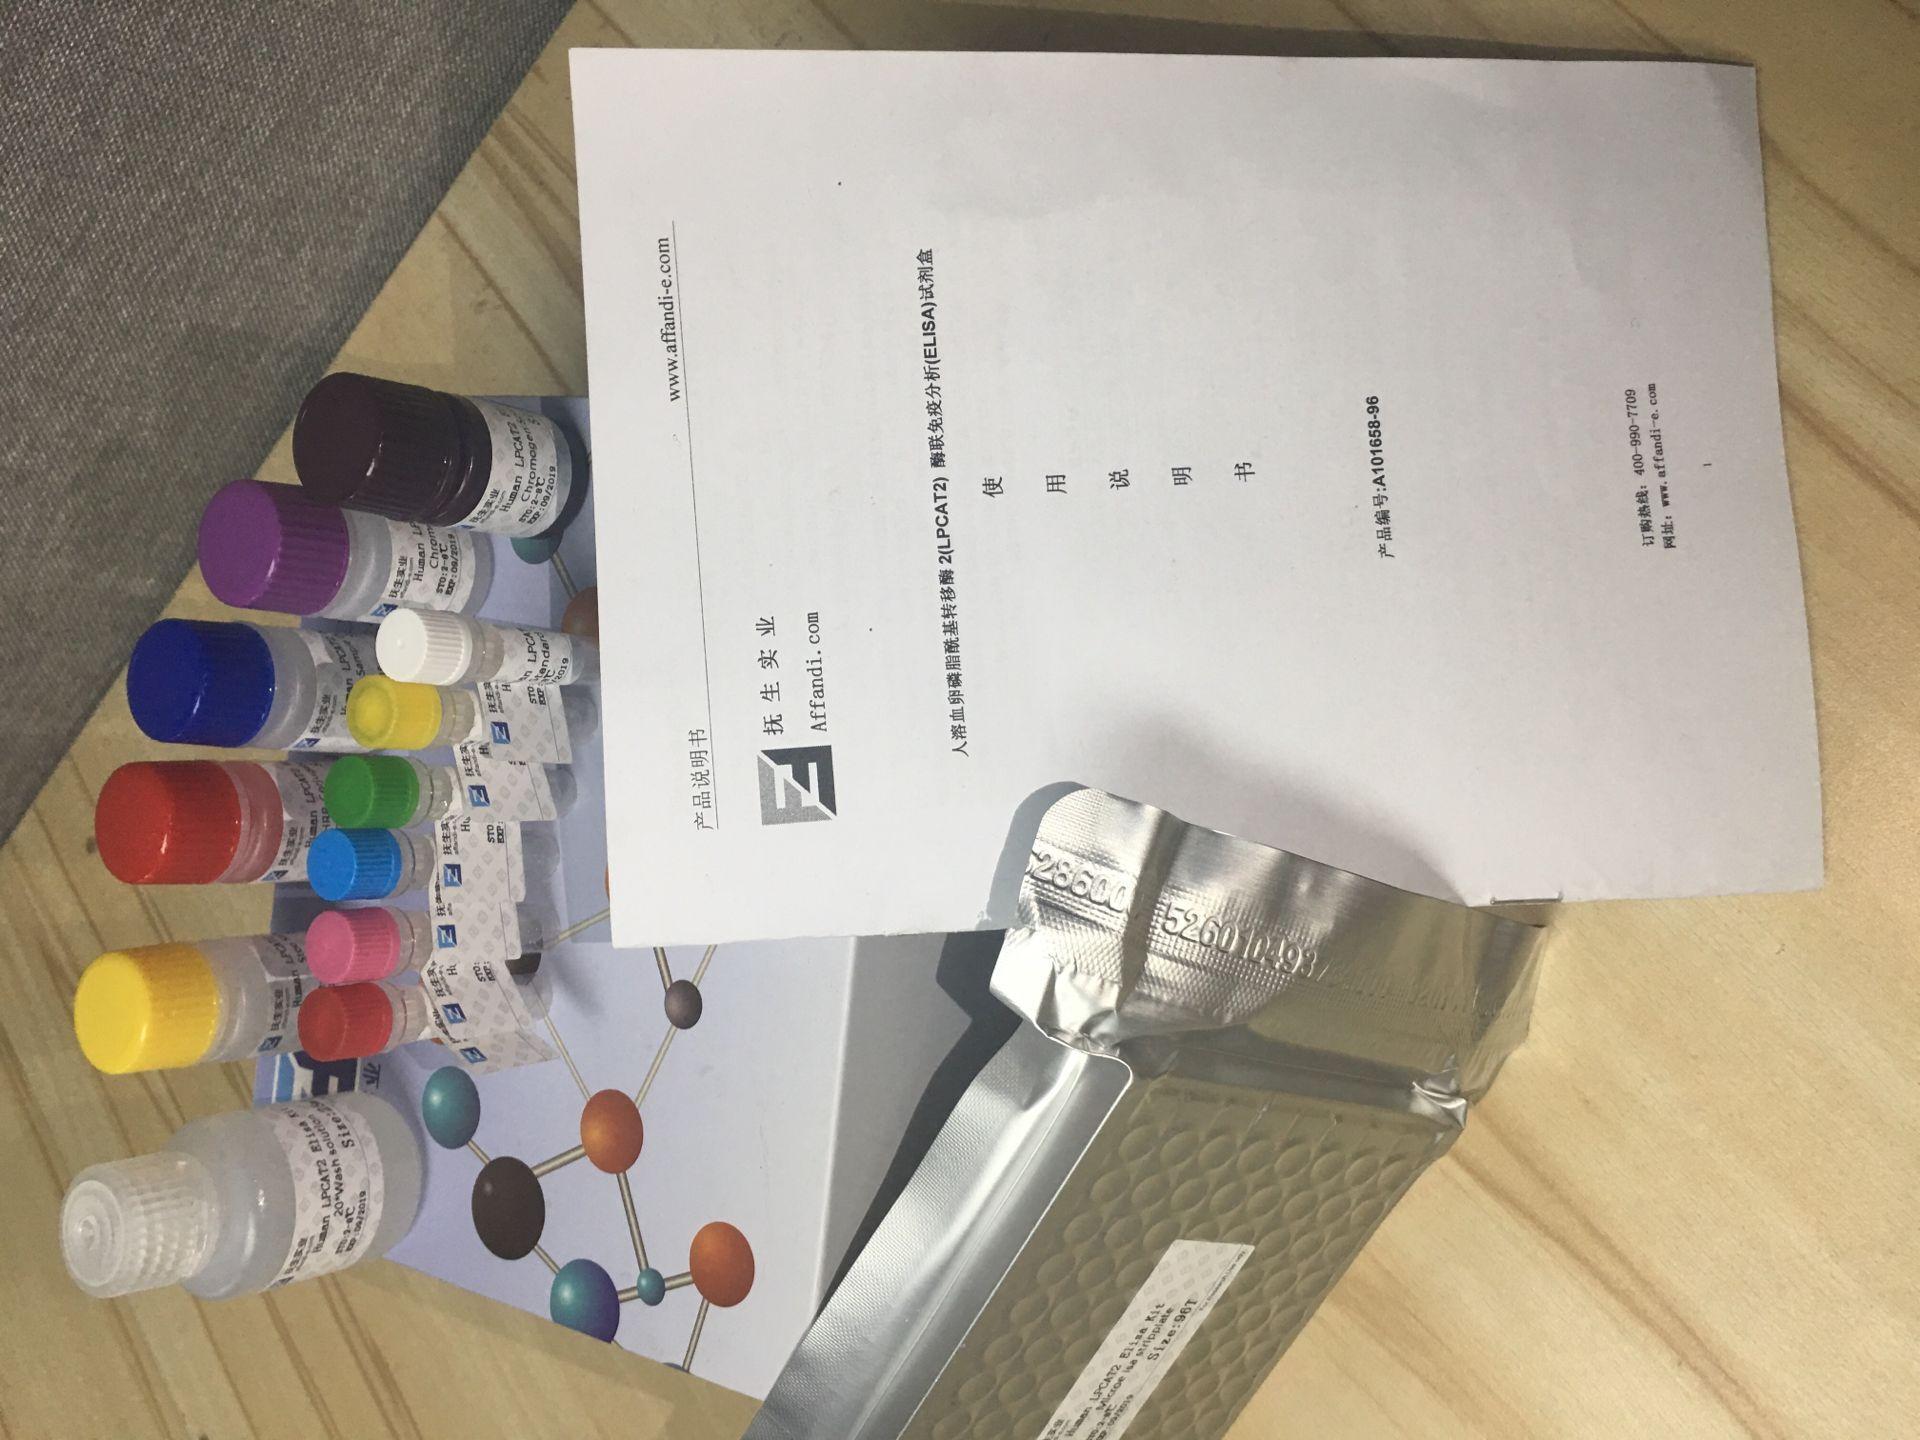 肝素辅助因子II检测试剂盒